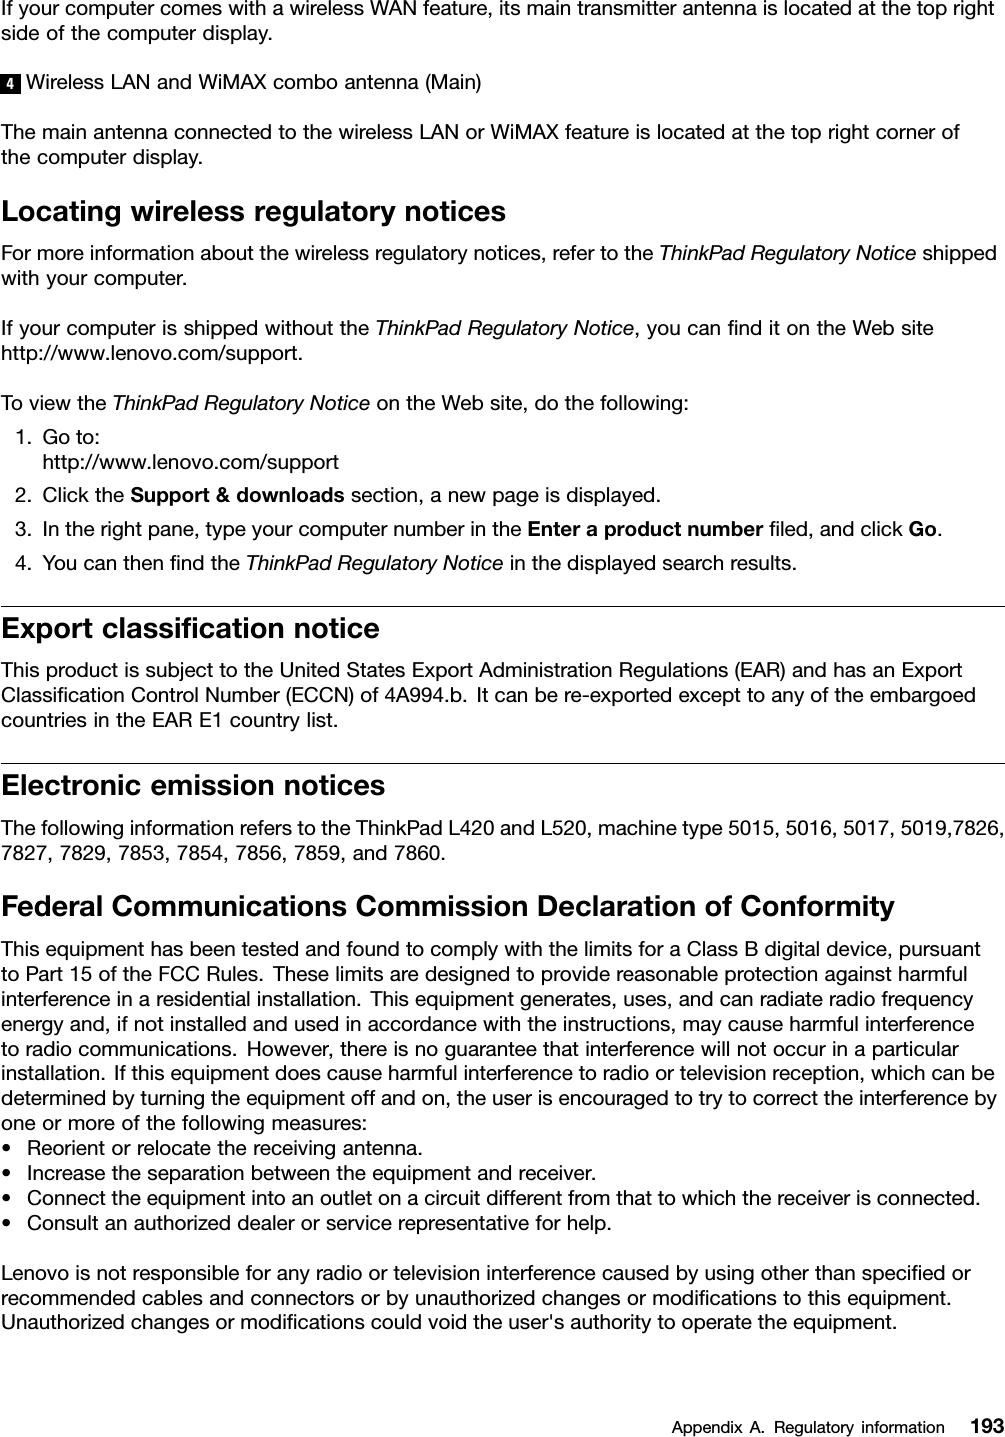 Lenovo L420 L421 L520 Ug En User Manual (English) Guide